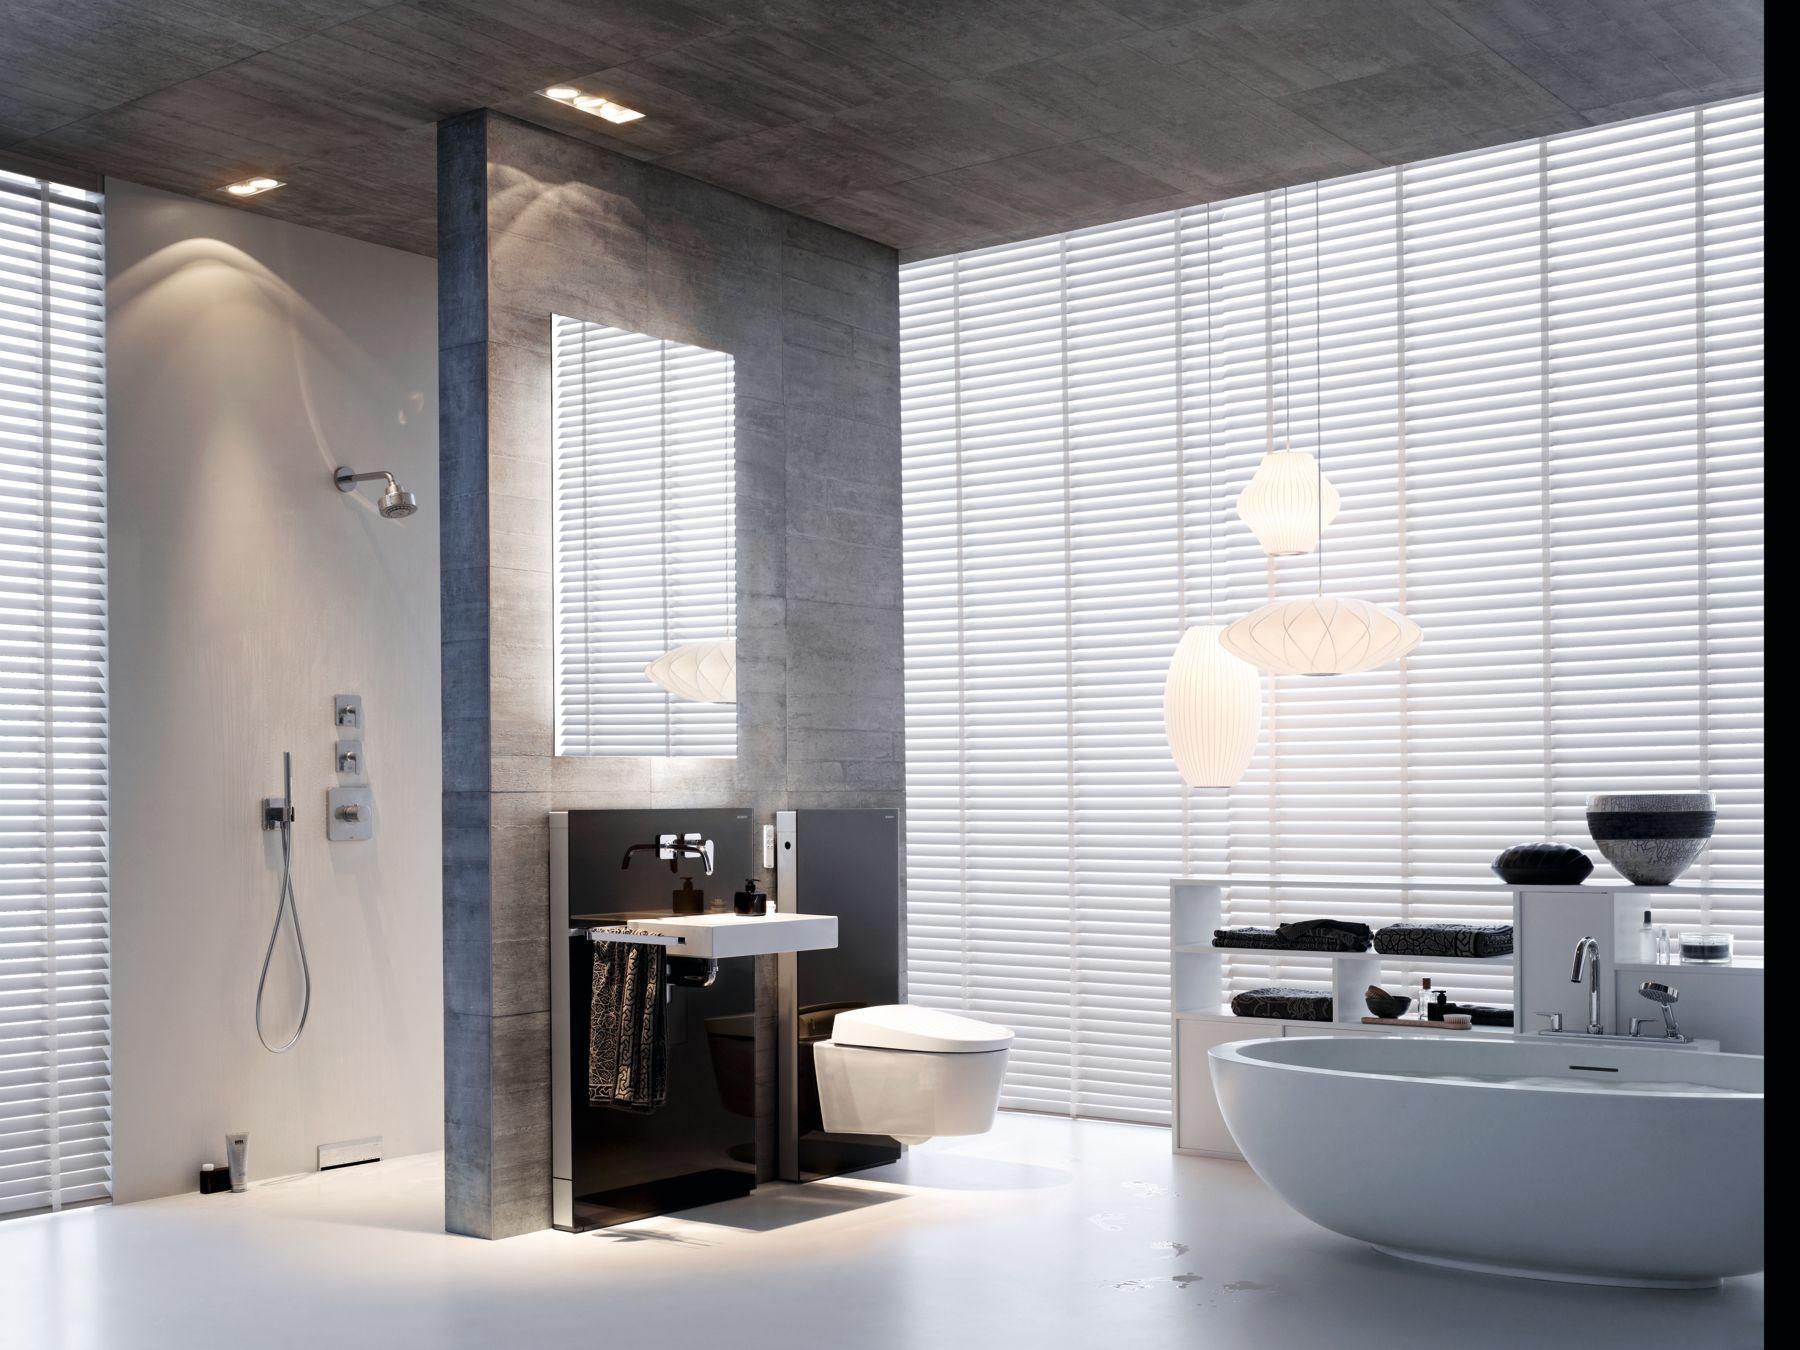 badkamerinsporatie met geberit monolith wc en wastafel element